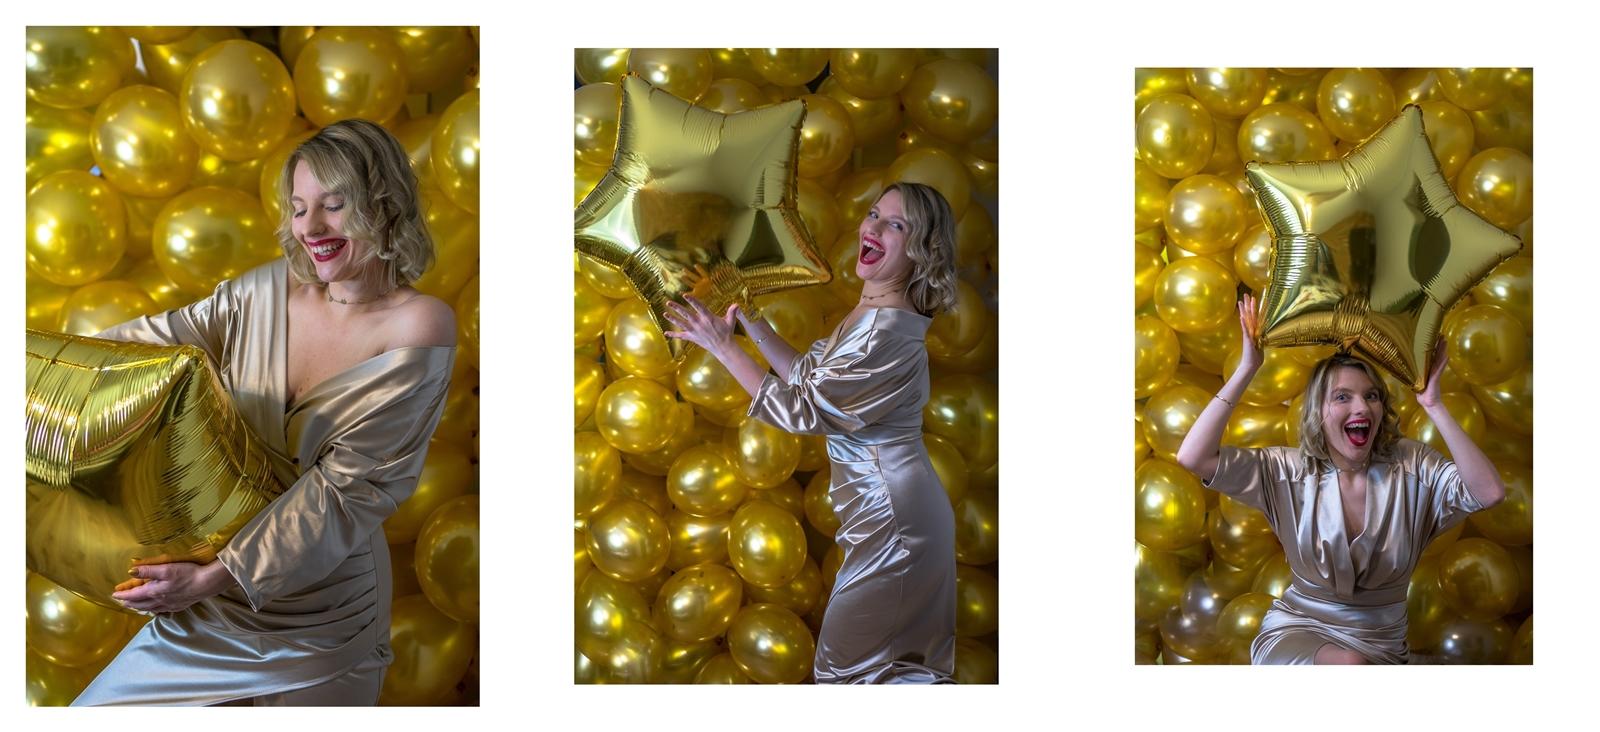 11a sukienki sylwestrowe z dekoltem maxi do kolan granatowa suknia balowa błyszcząca kremowa suknia na wesele sylwestra bal studniówkowy dekoracje na sylwestra jak zrobić czapeczki sylwestrowe balony